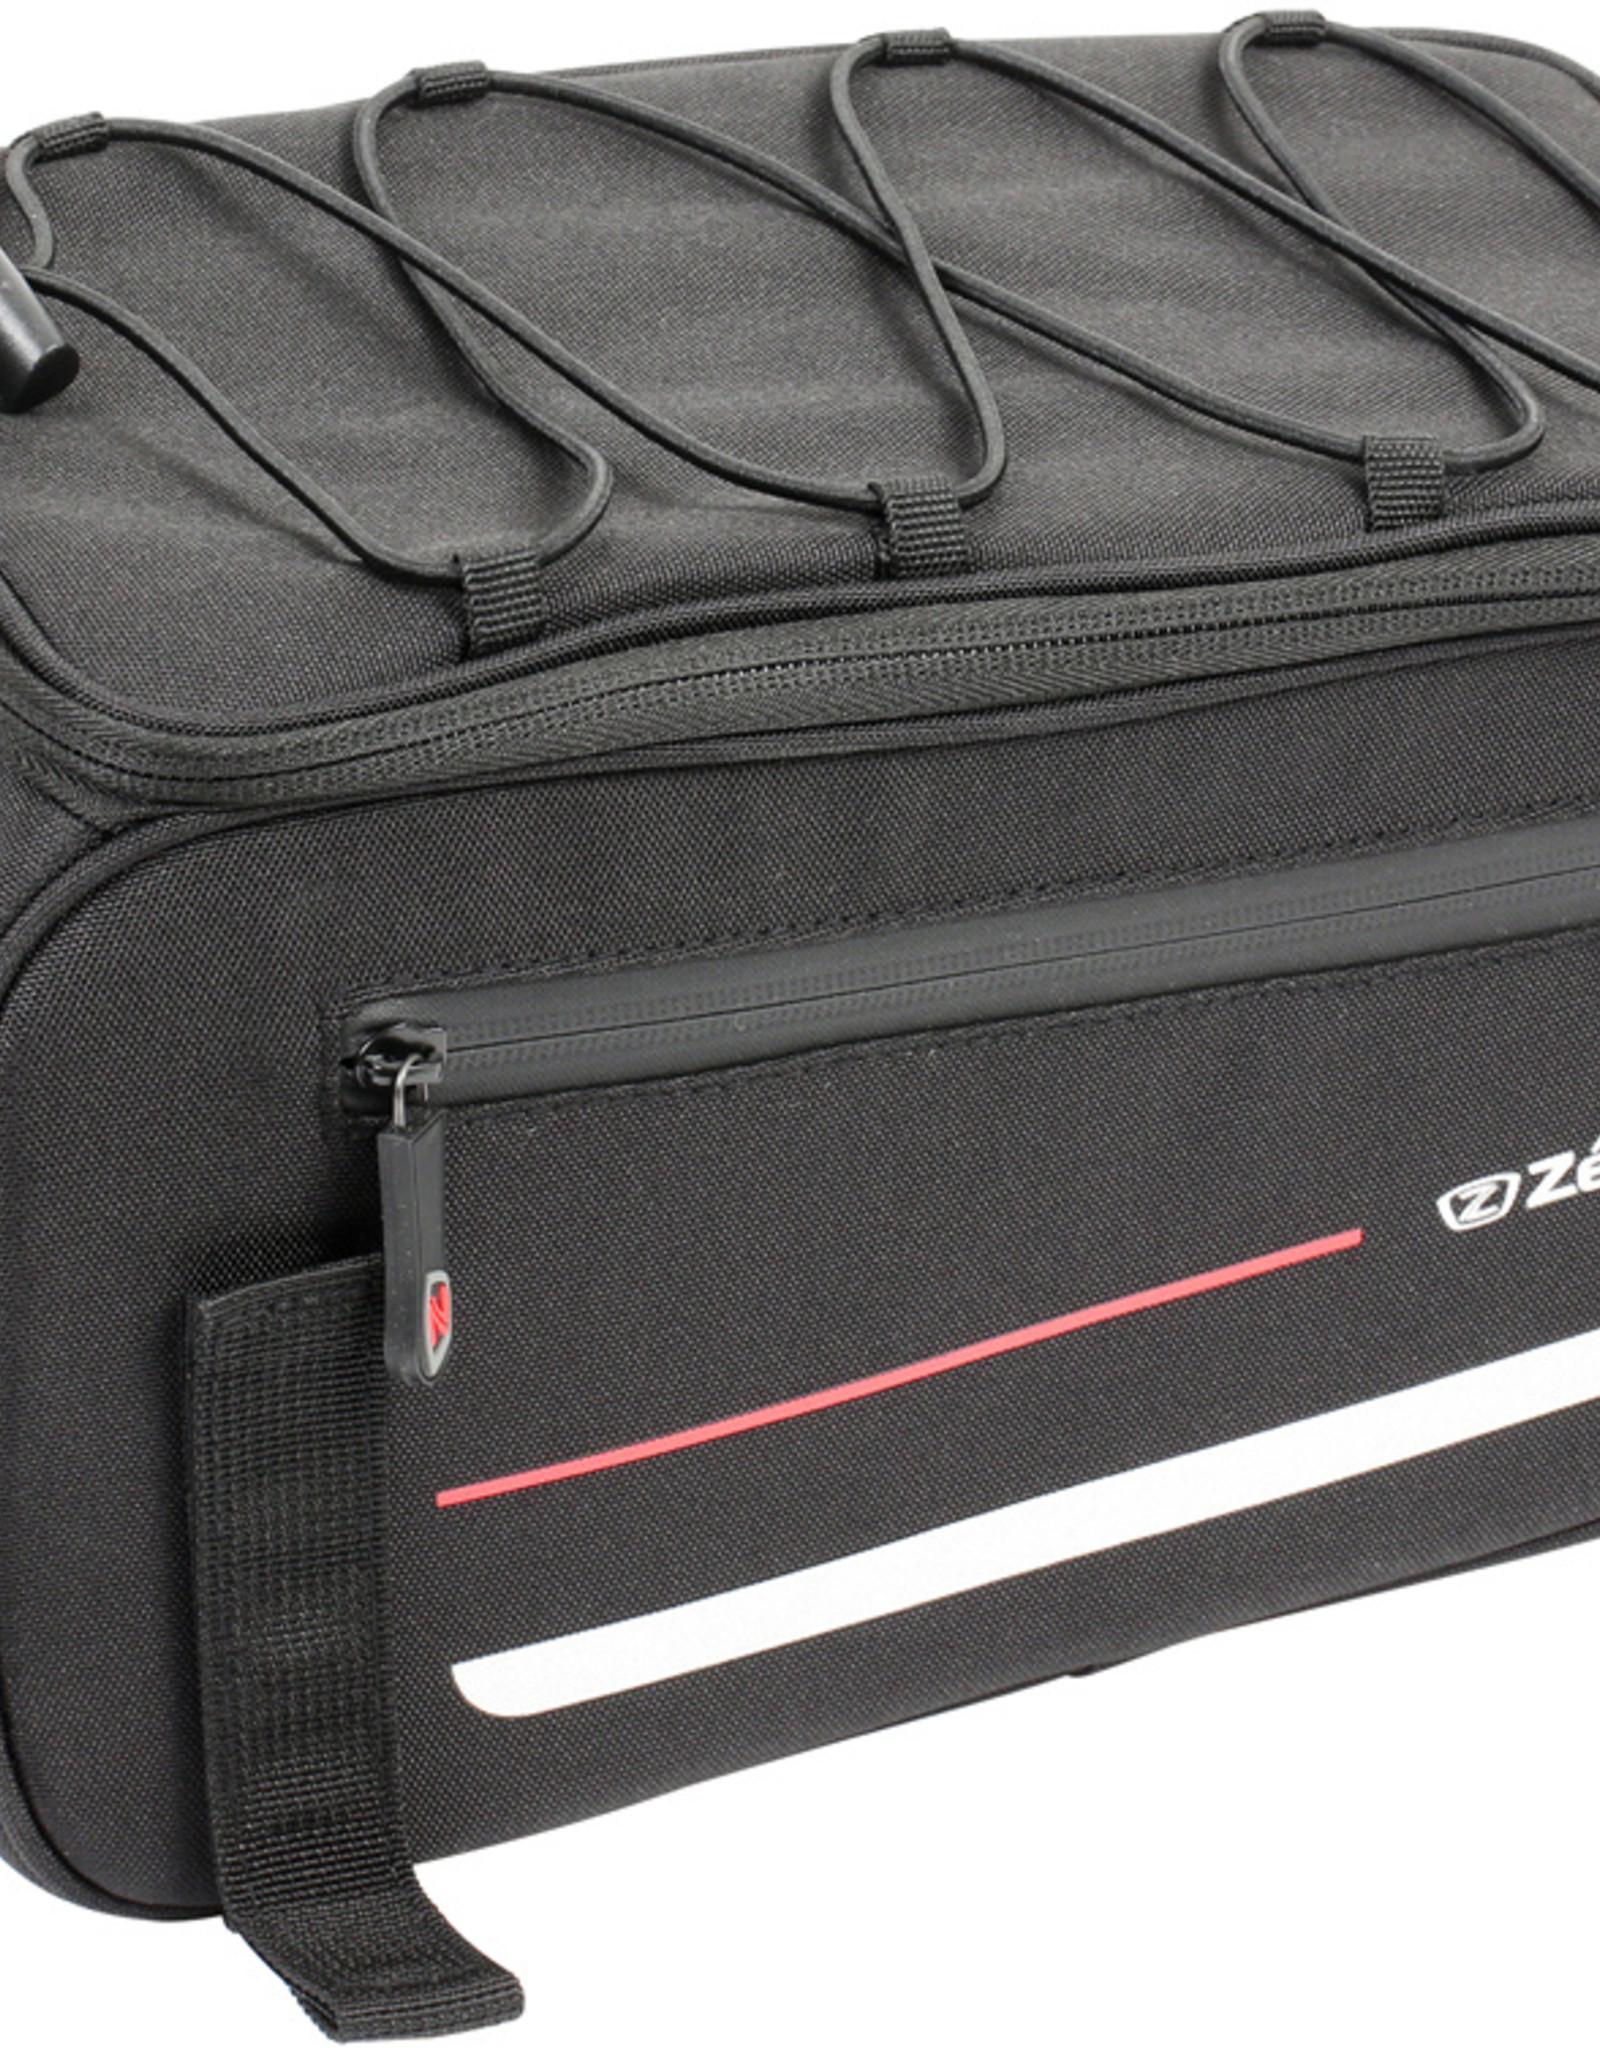 Zefal Z Traveller 40 Rack Top Bag (9L)